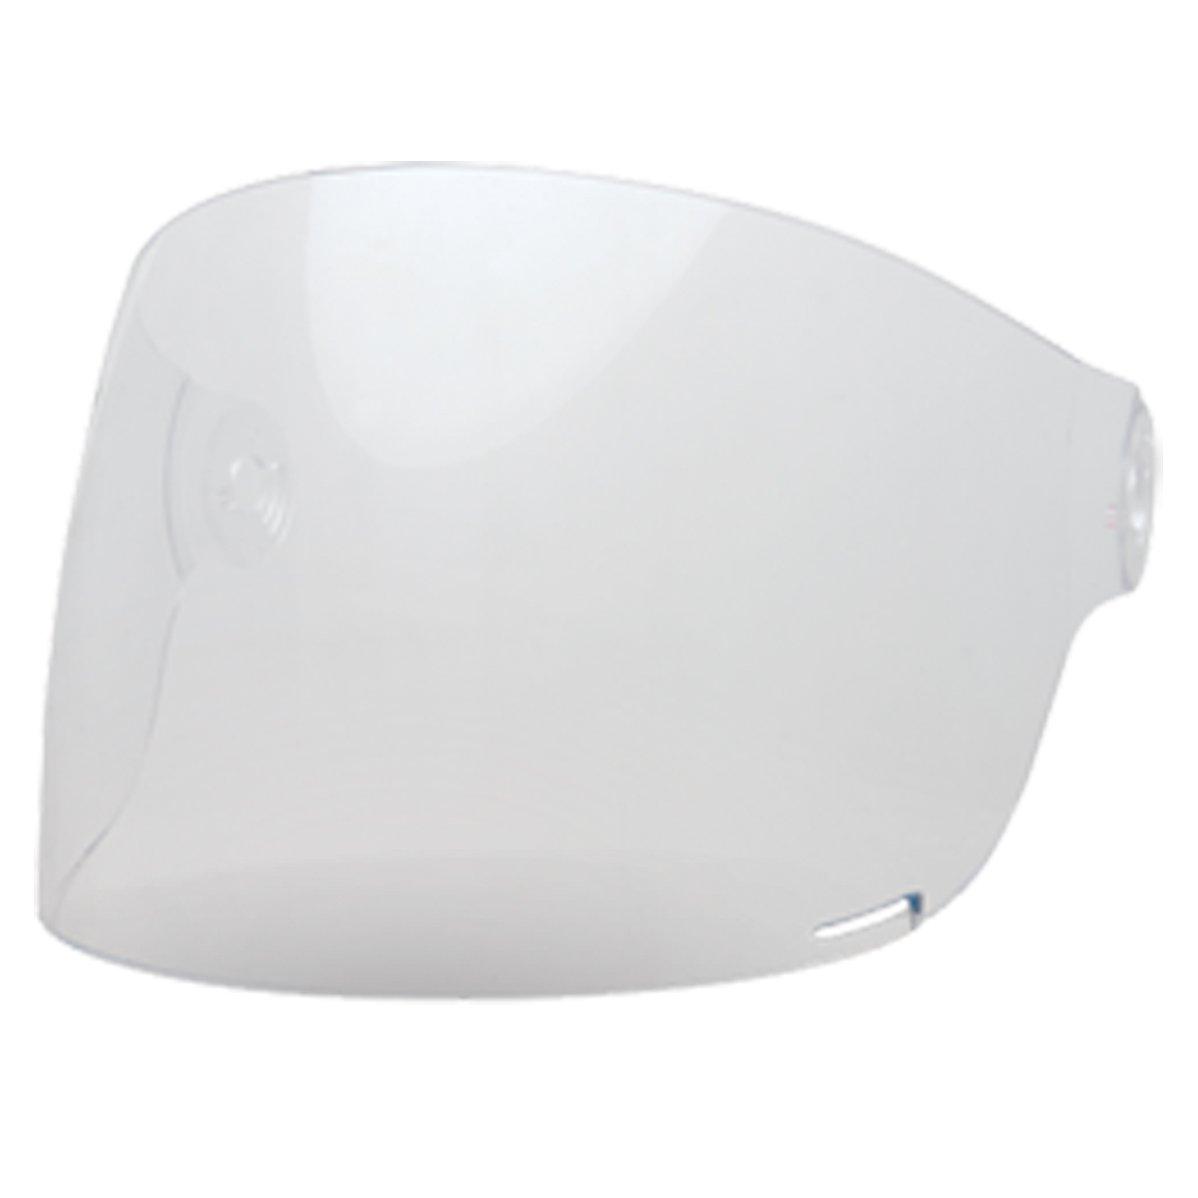 Bell Bullitt Flat Shield - Clear - Black Tab 4into1